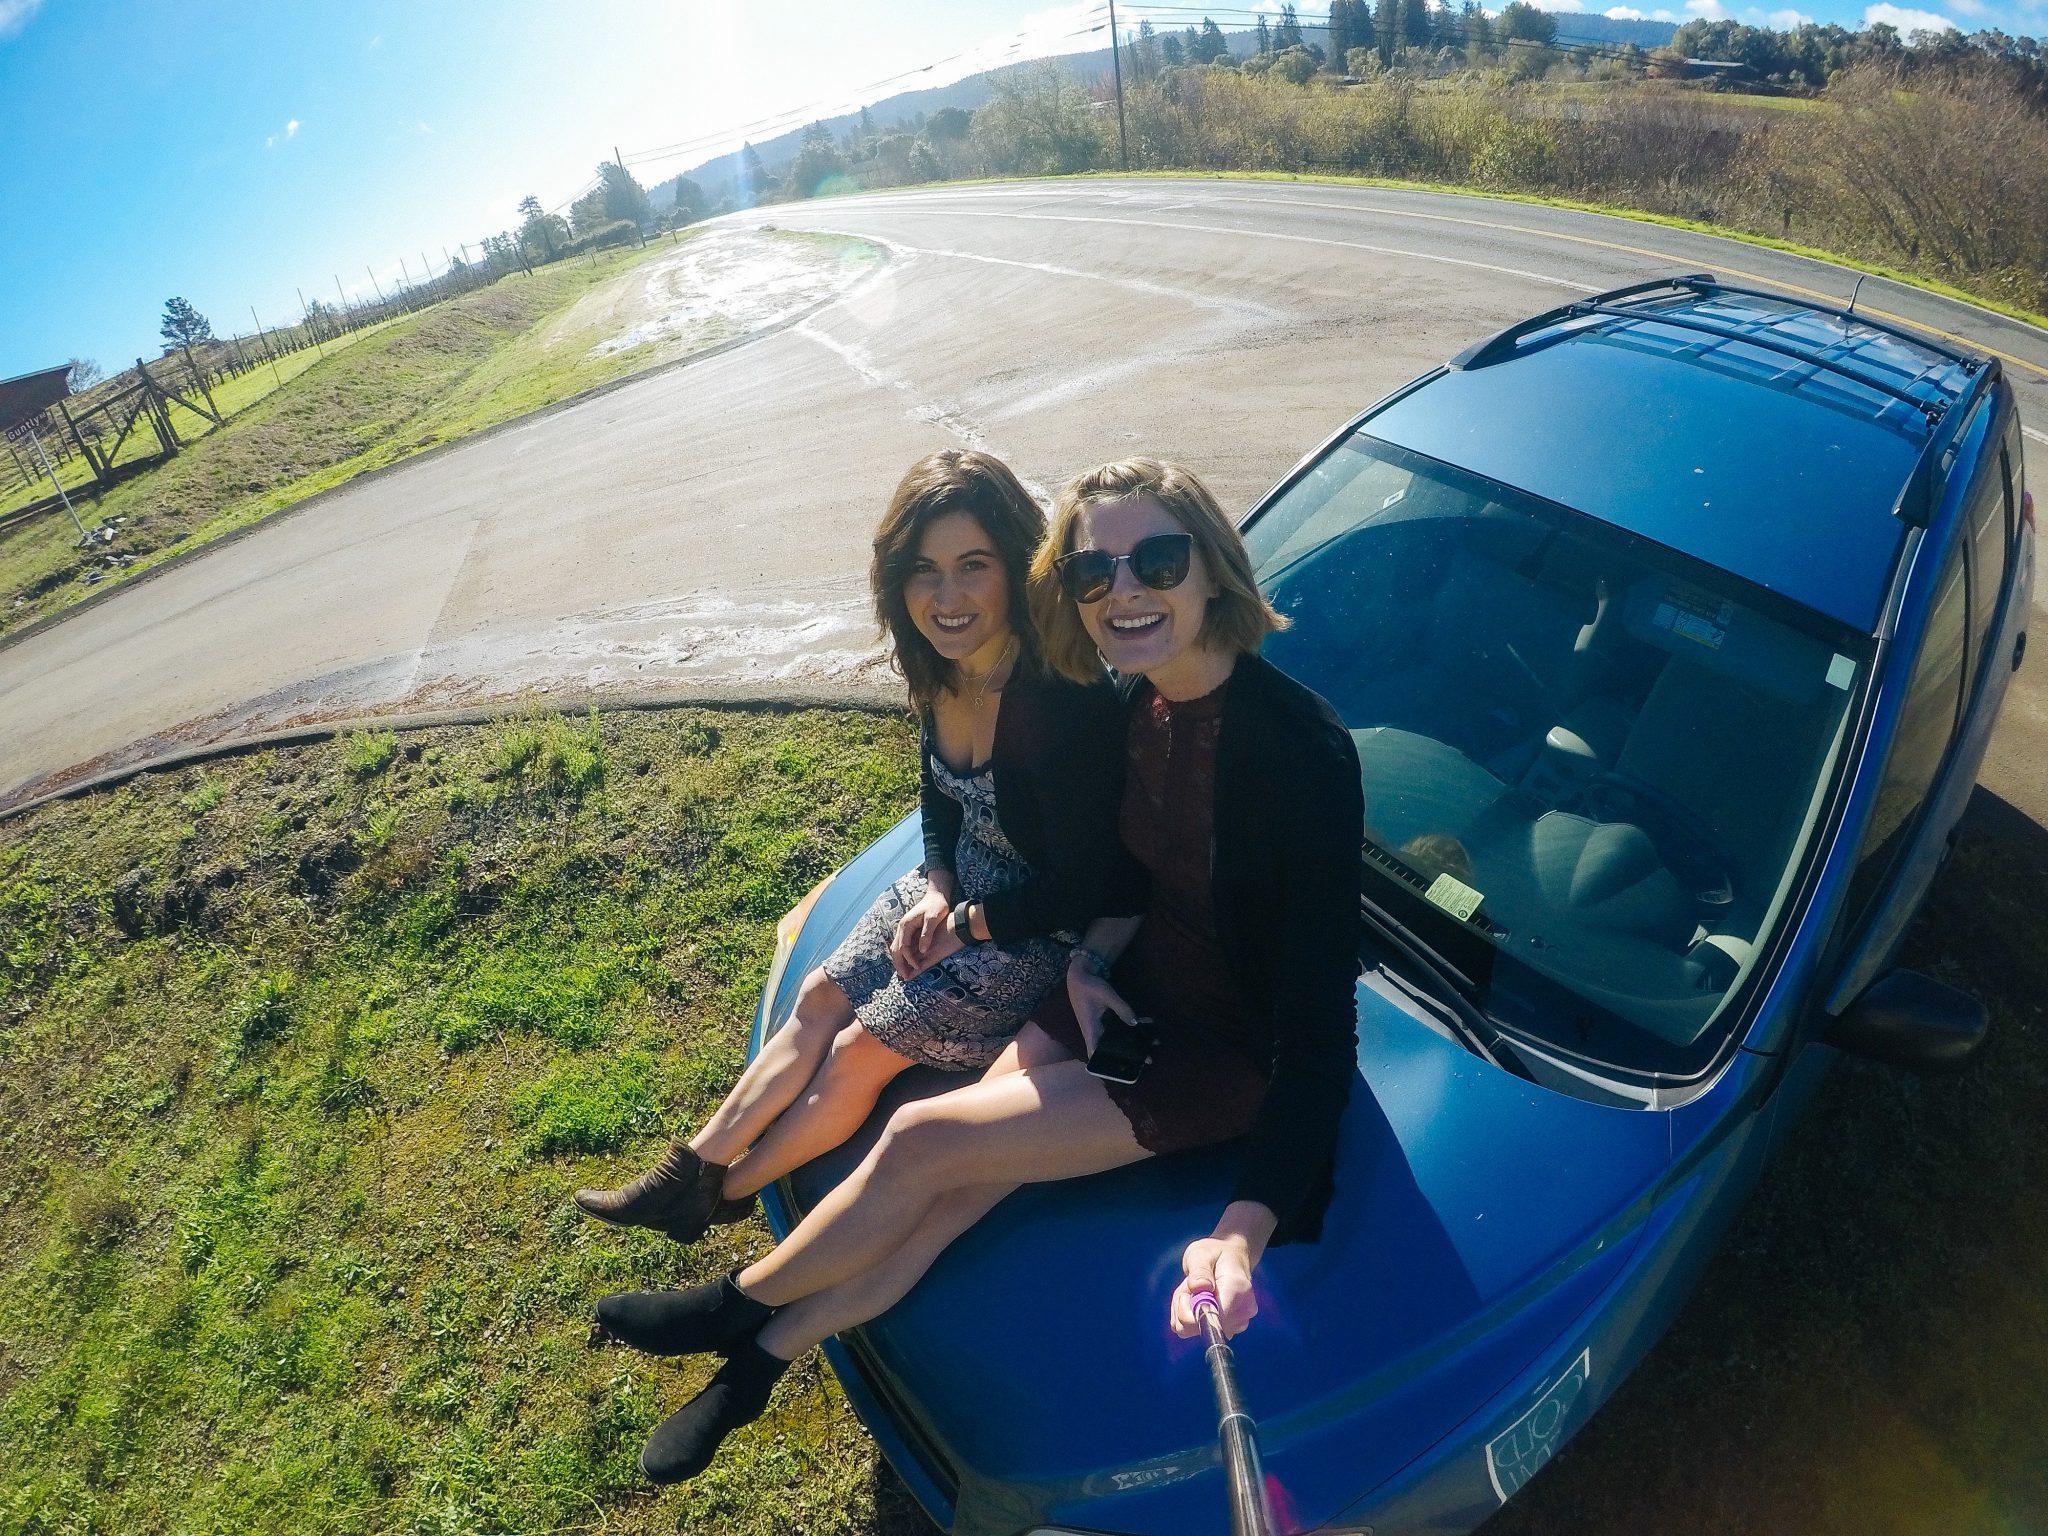 Girls Mendocino Weekend - How to Get Around